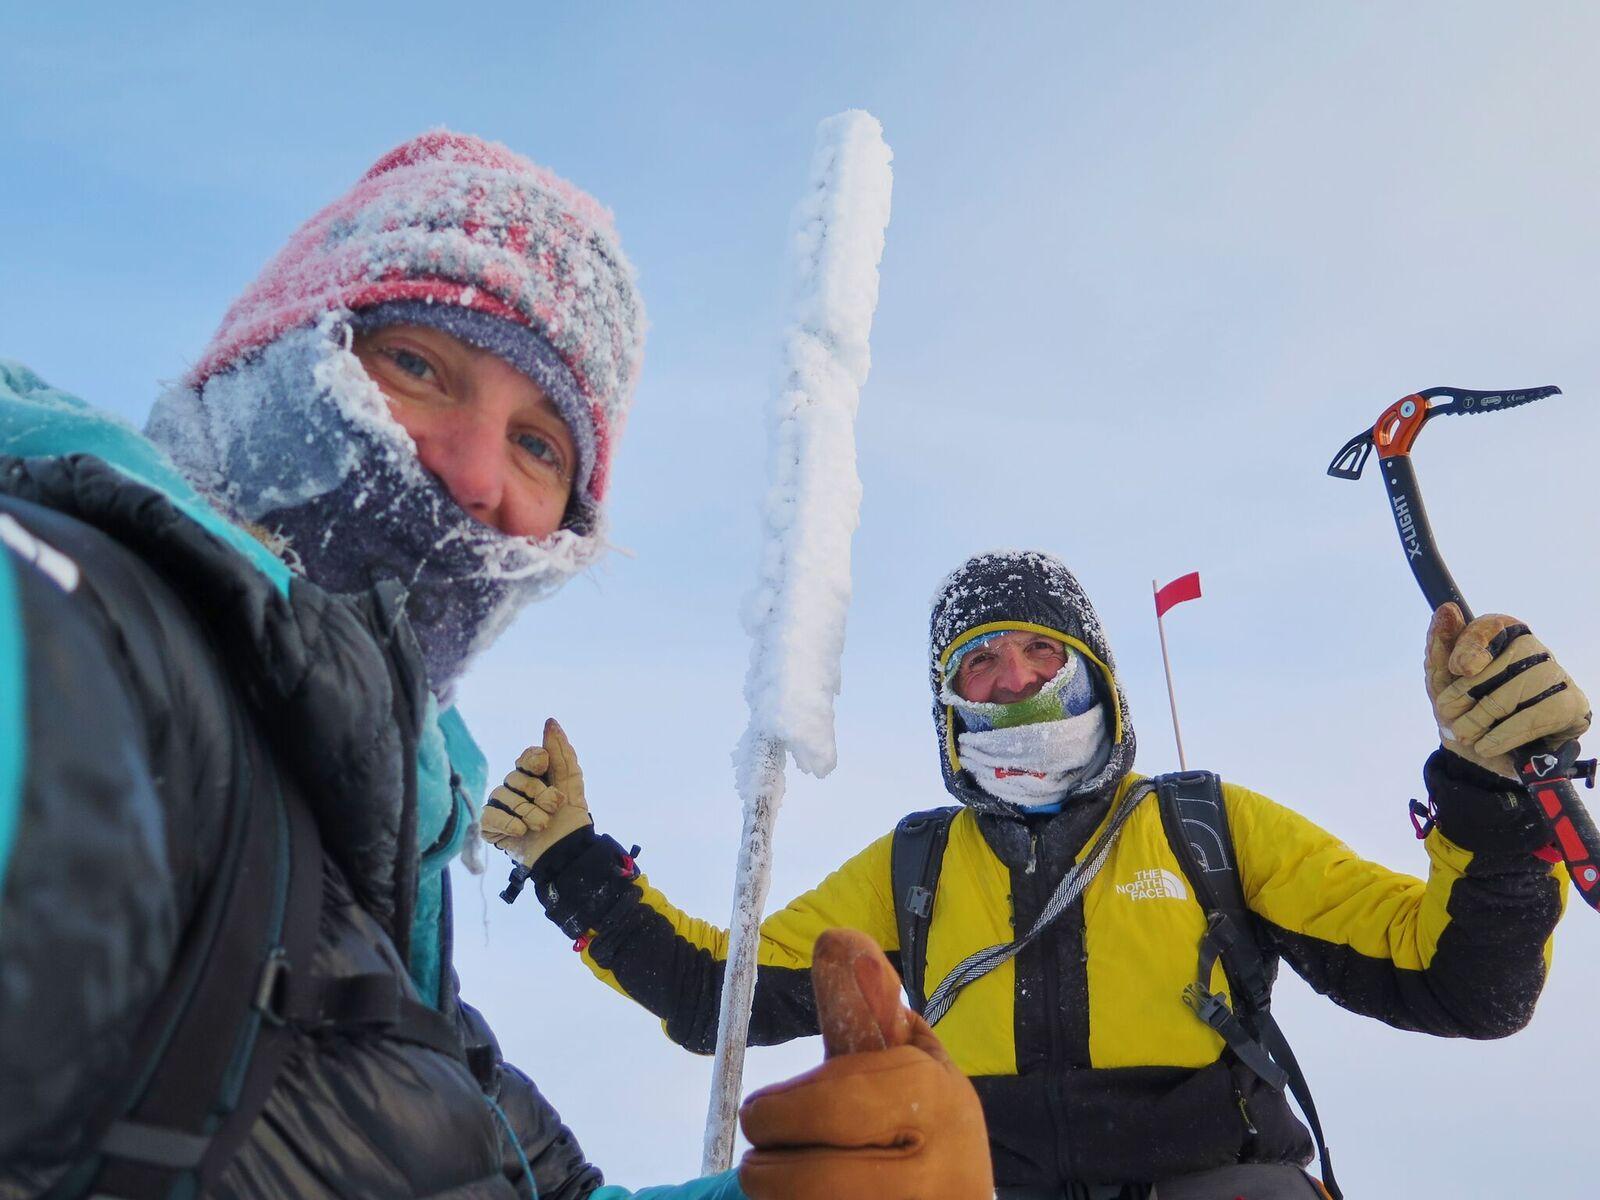 Tamara Lunger y Simone Moro hacen la primera escalada invernal del Gora Pobeda